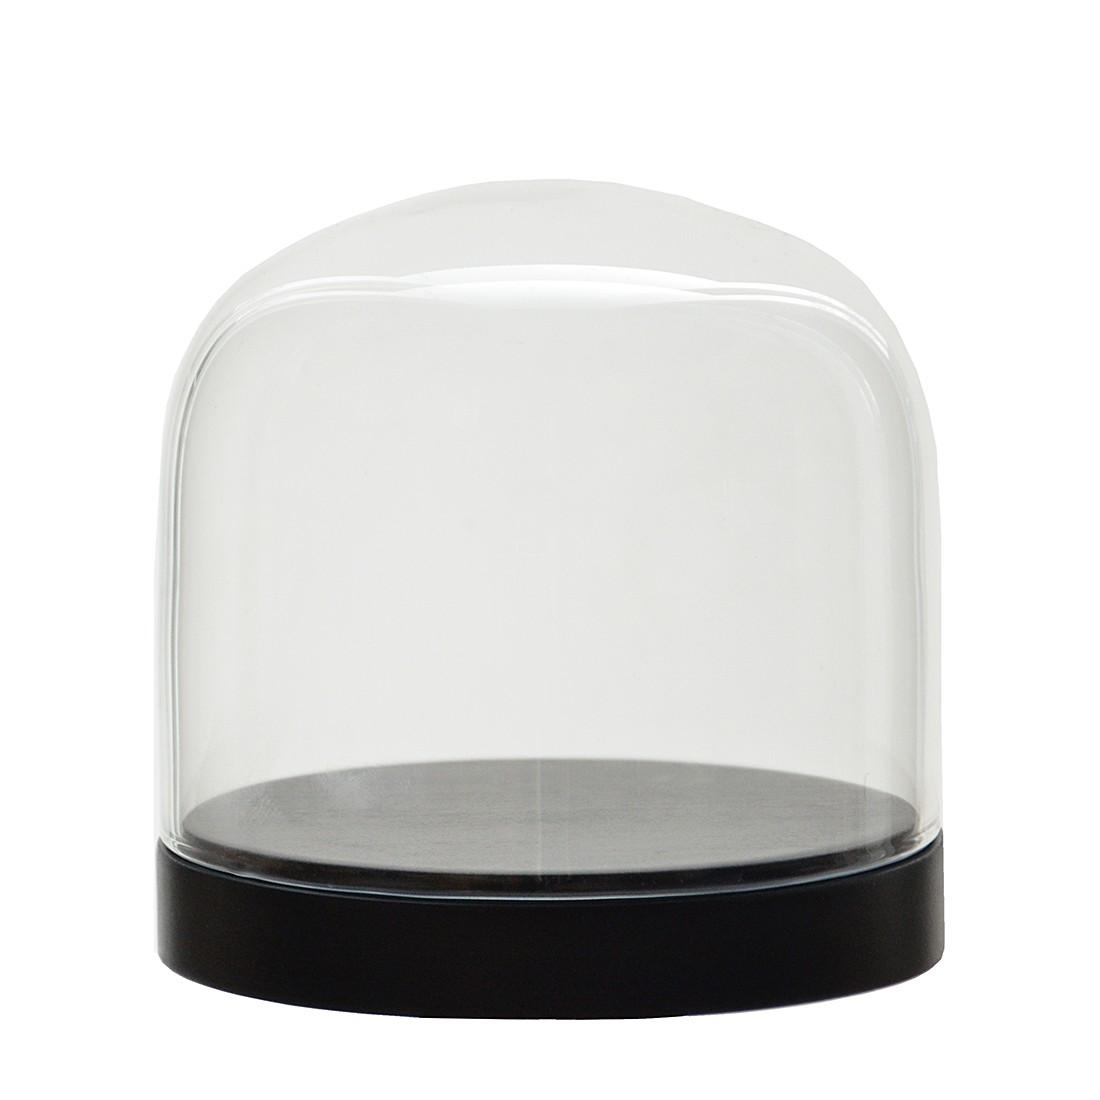 Glasglocke Pleasure Dome I – Buche massiv – Schwarz, Wireworks günstig online kaufen